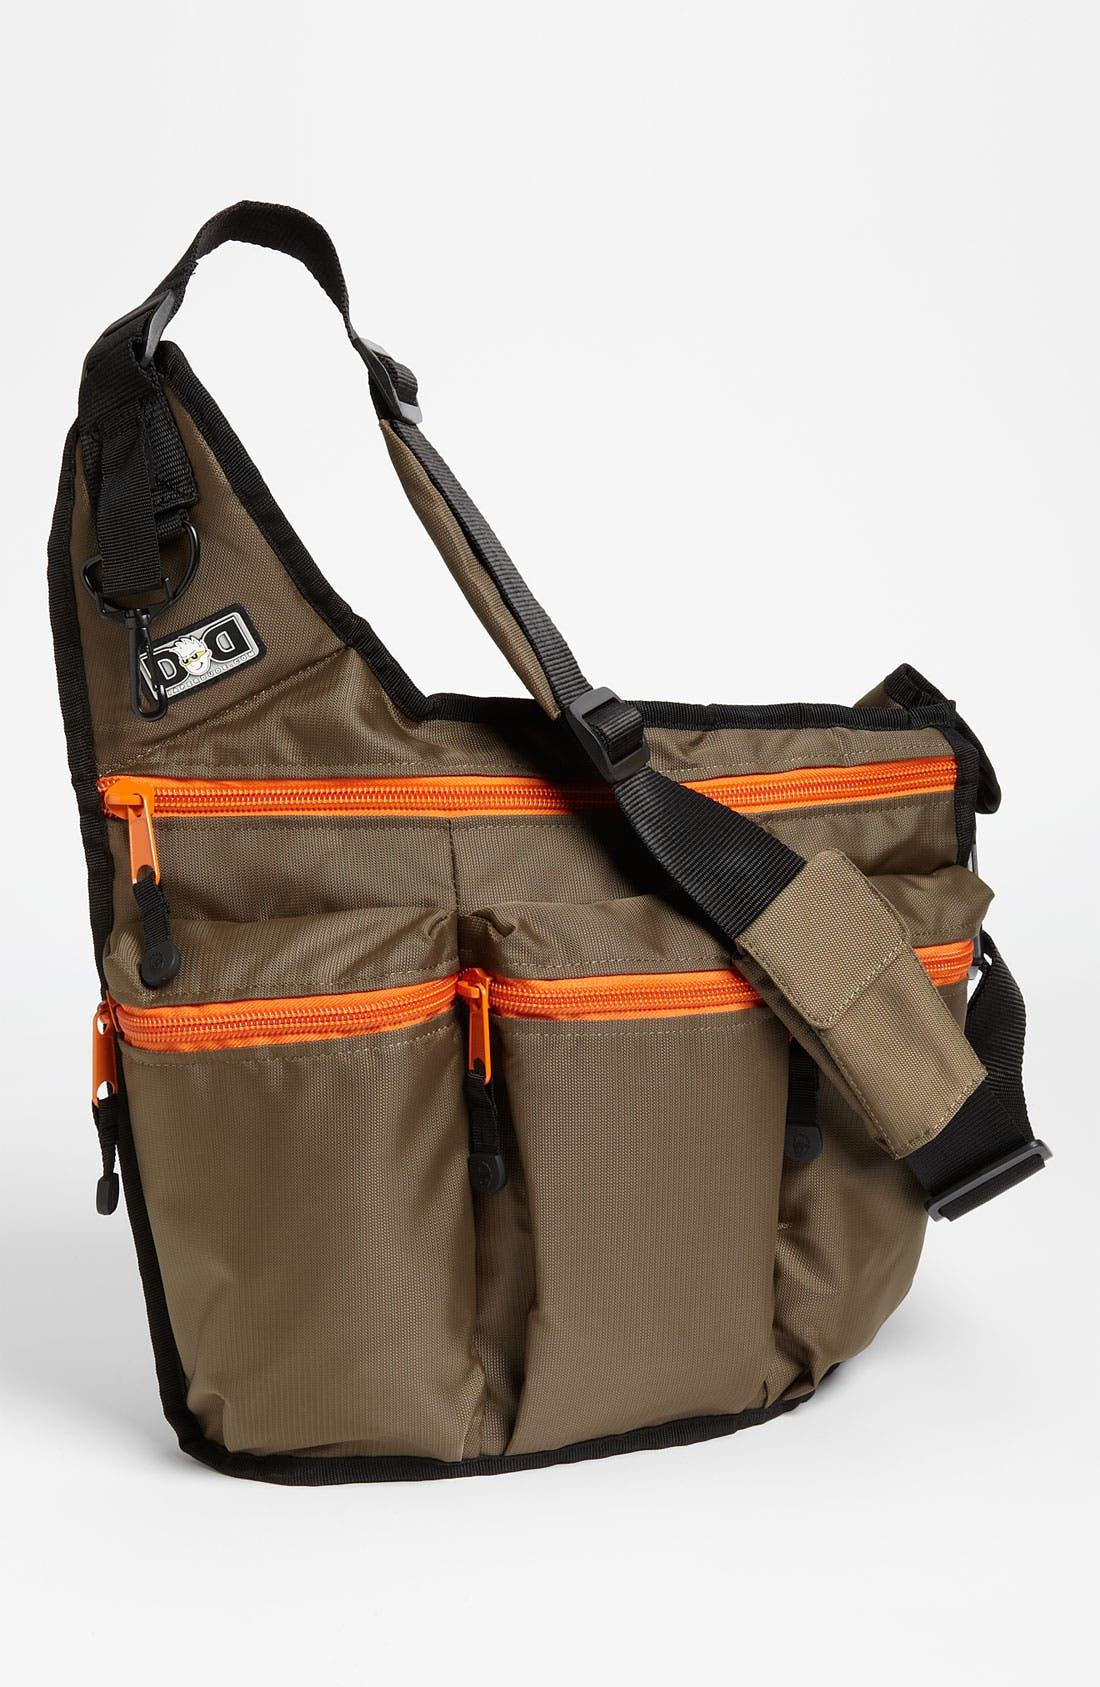 Alternate Image 1 Selected - Diaper Dude Messenger Diaper Bag